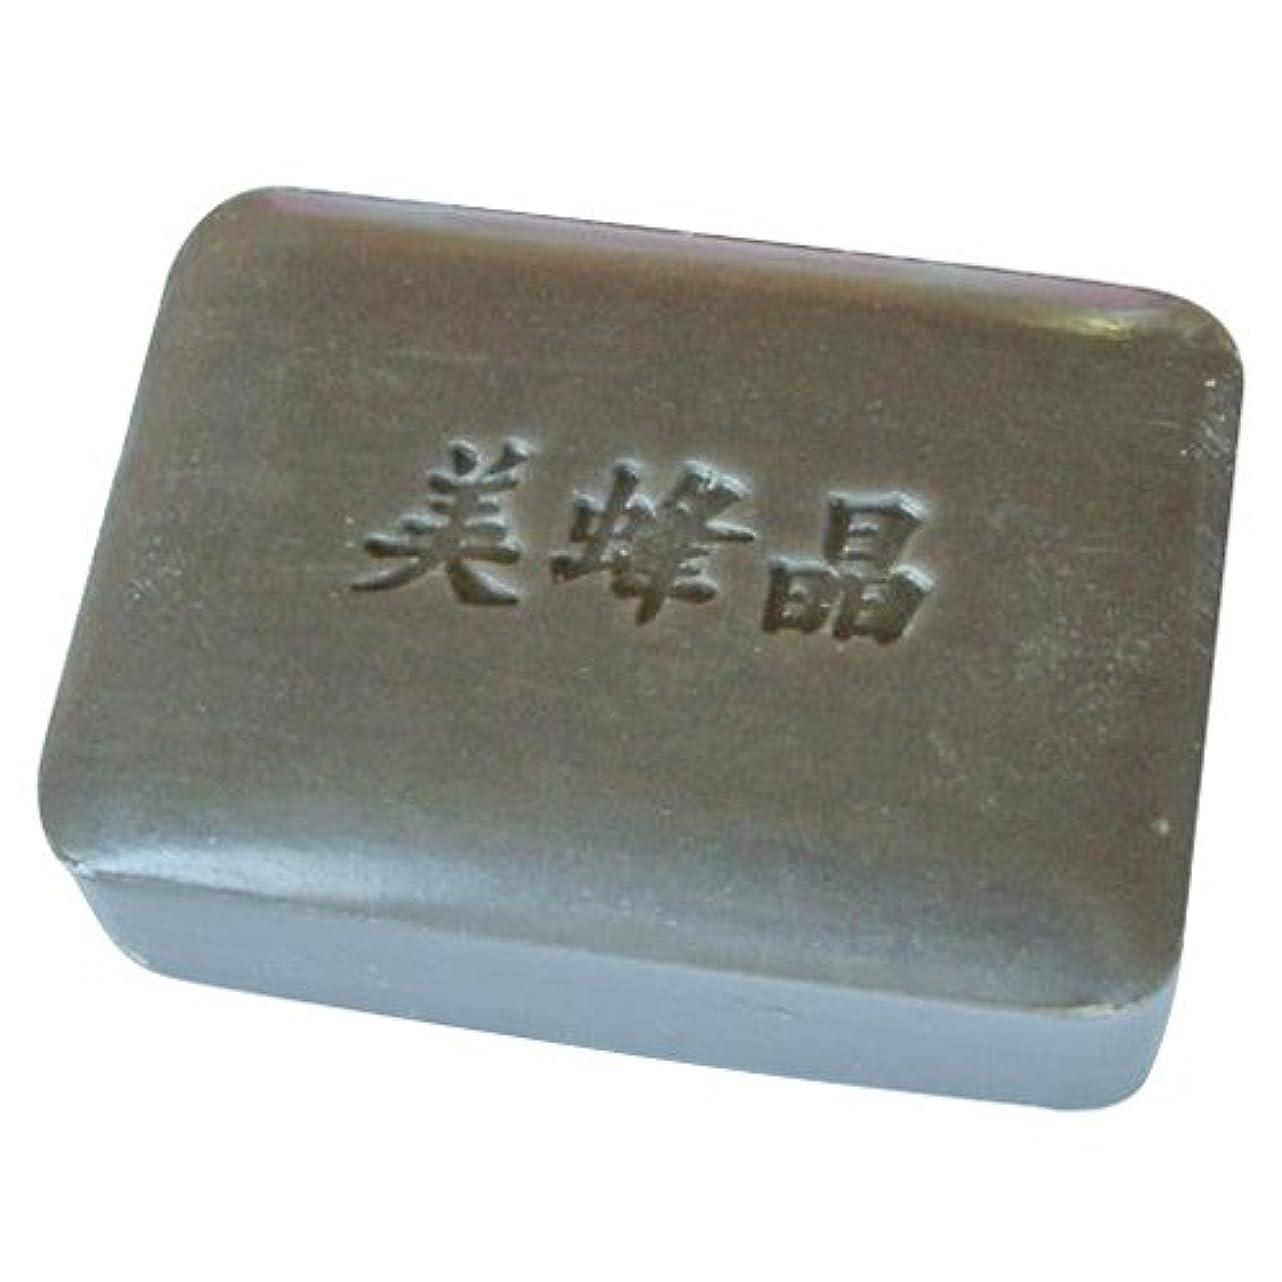 ブラジャー限り韓国語鈴木養蜂場 プロポリス石鹸 美蜂晶100g 2個セット